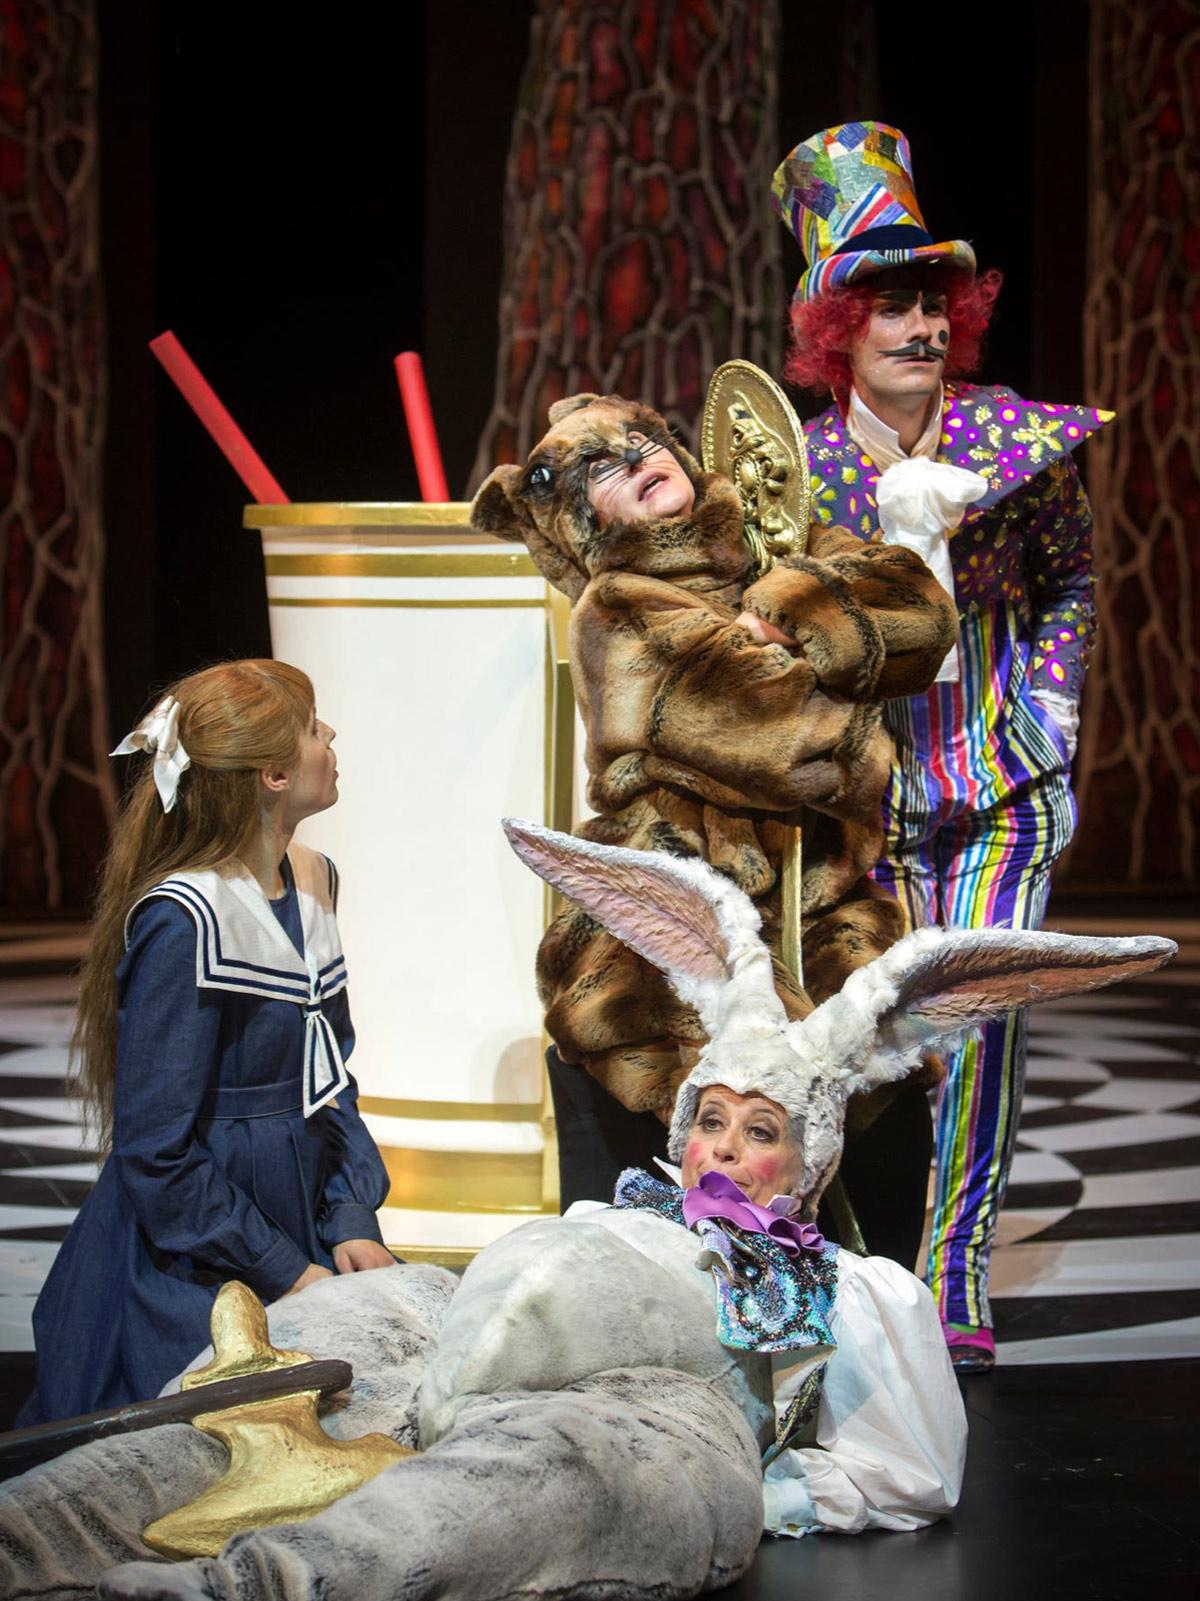 bernhard-duss-kostümbildner-costumedesign-alice in wonderland-kostüme-costumes